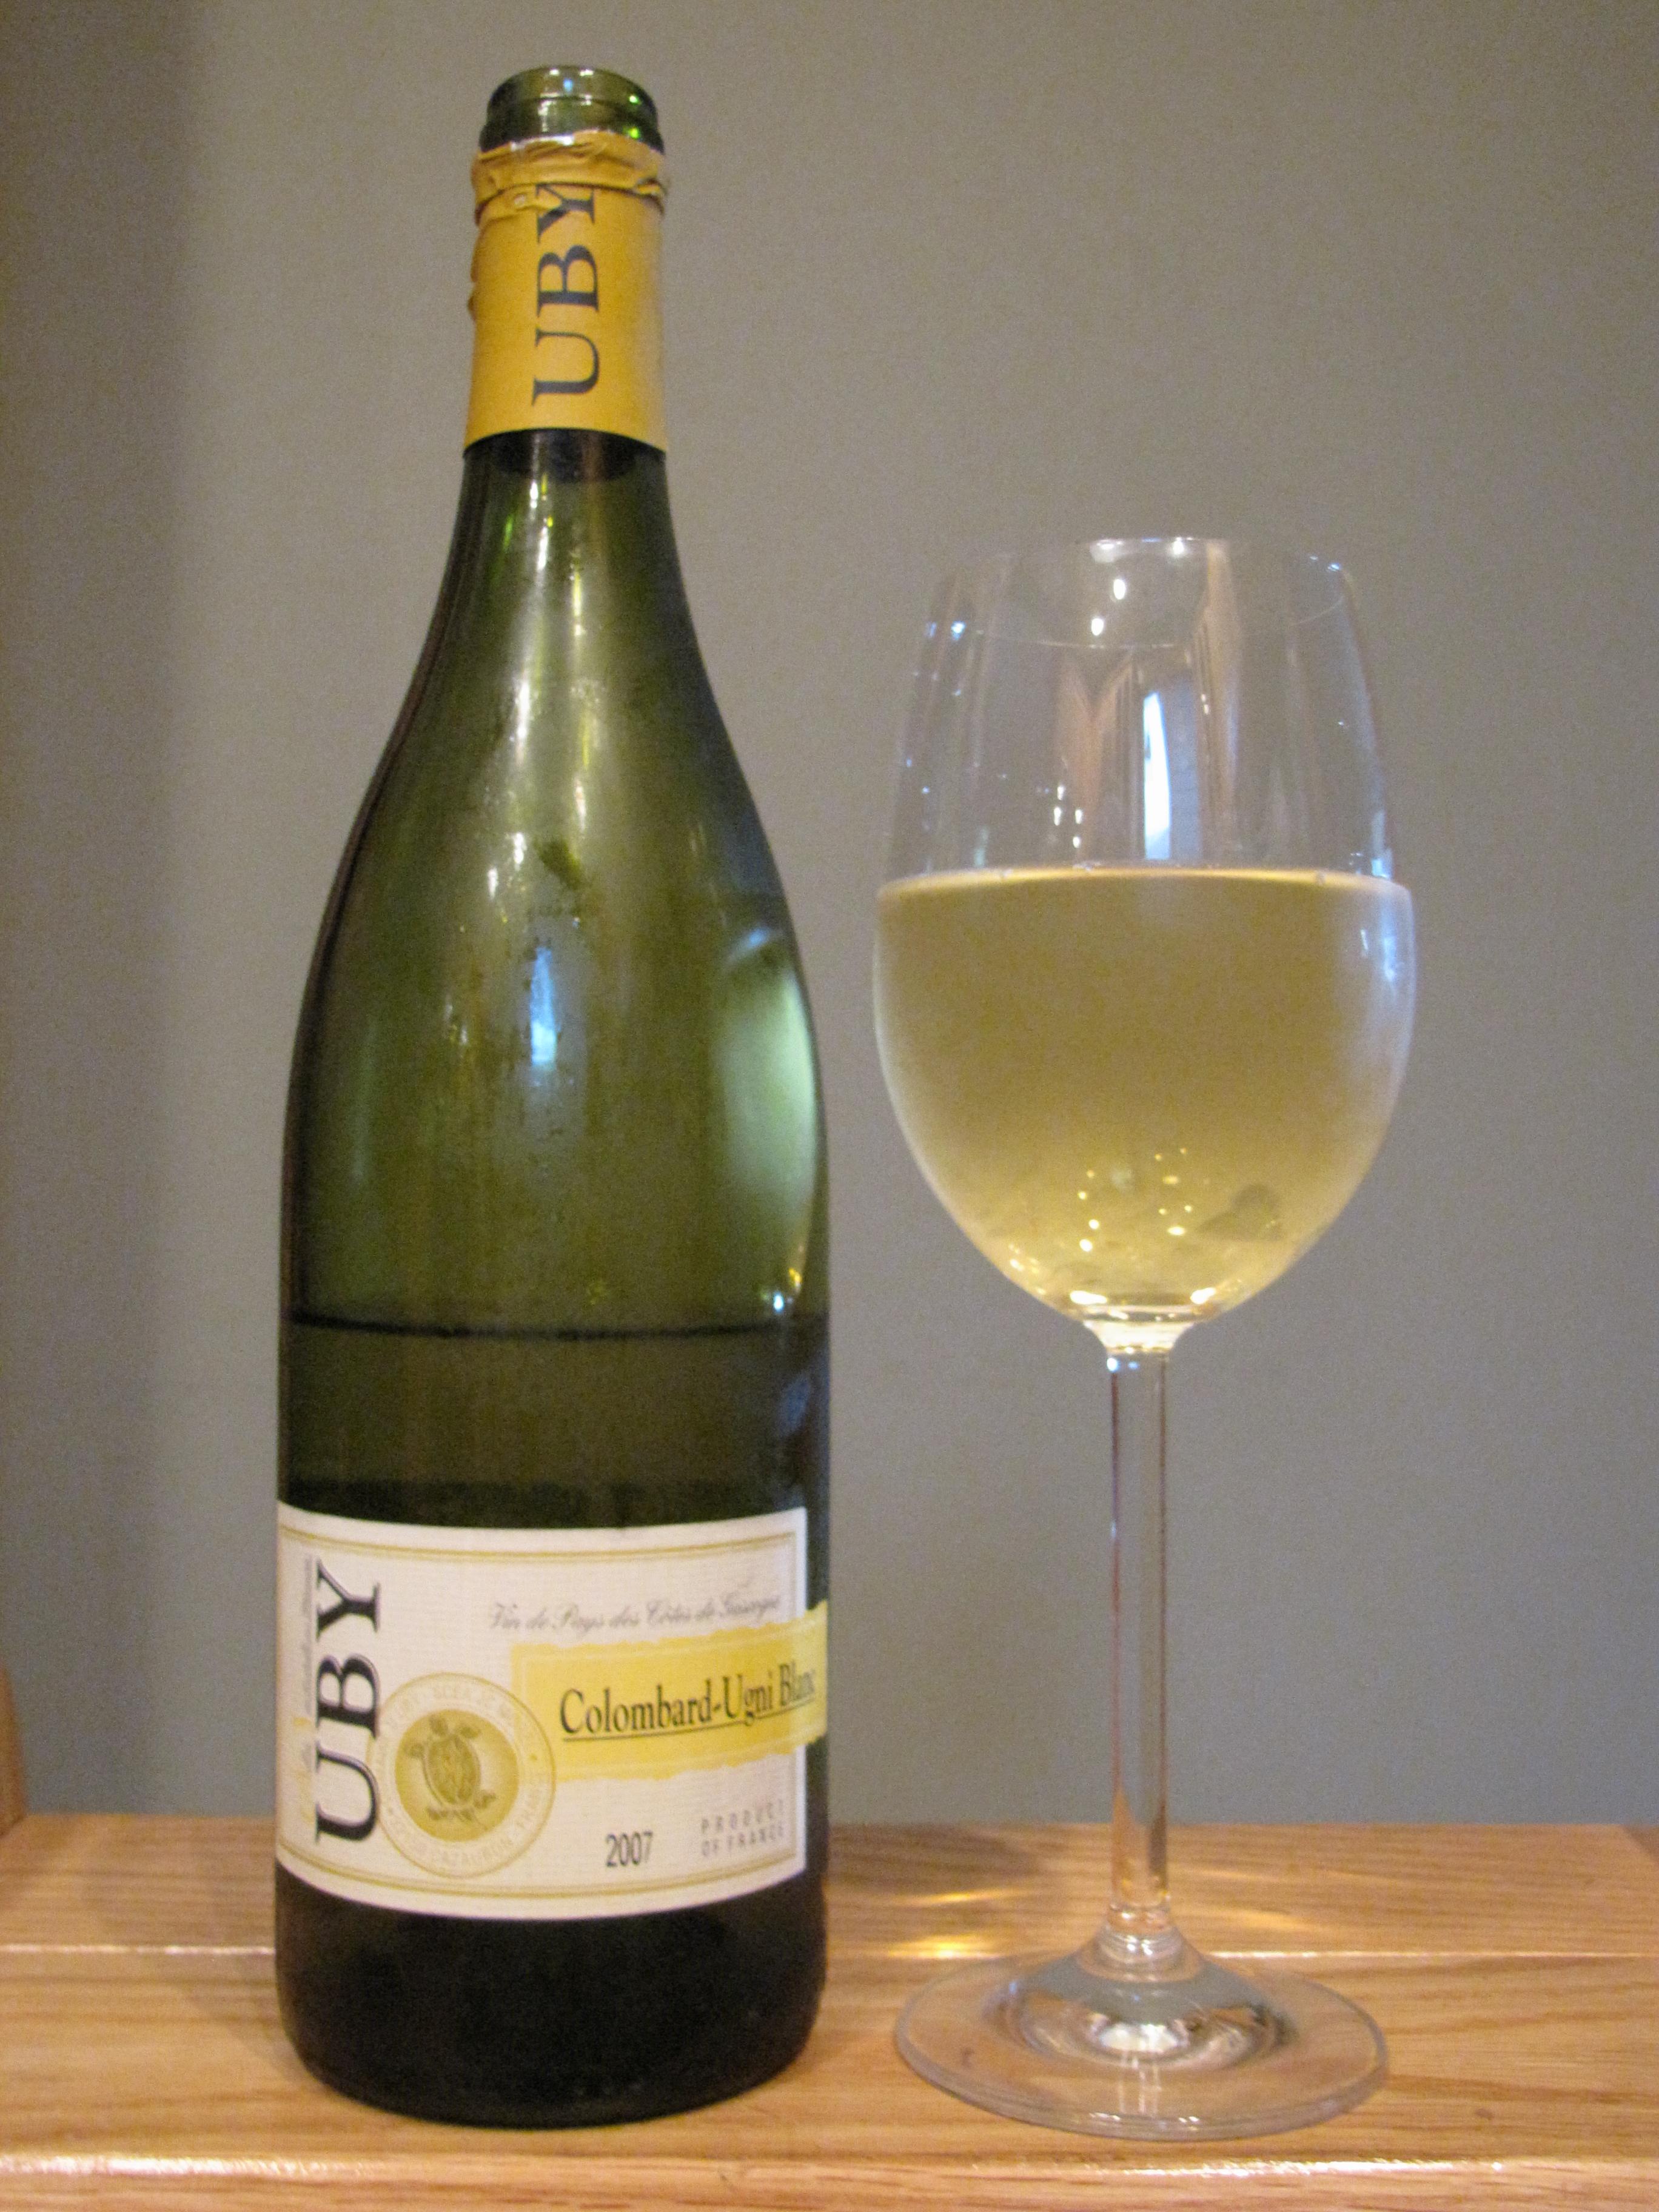 Vin de Pays des Côtes de Gascogne Colombard Ugni Blanc (2007)